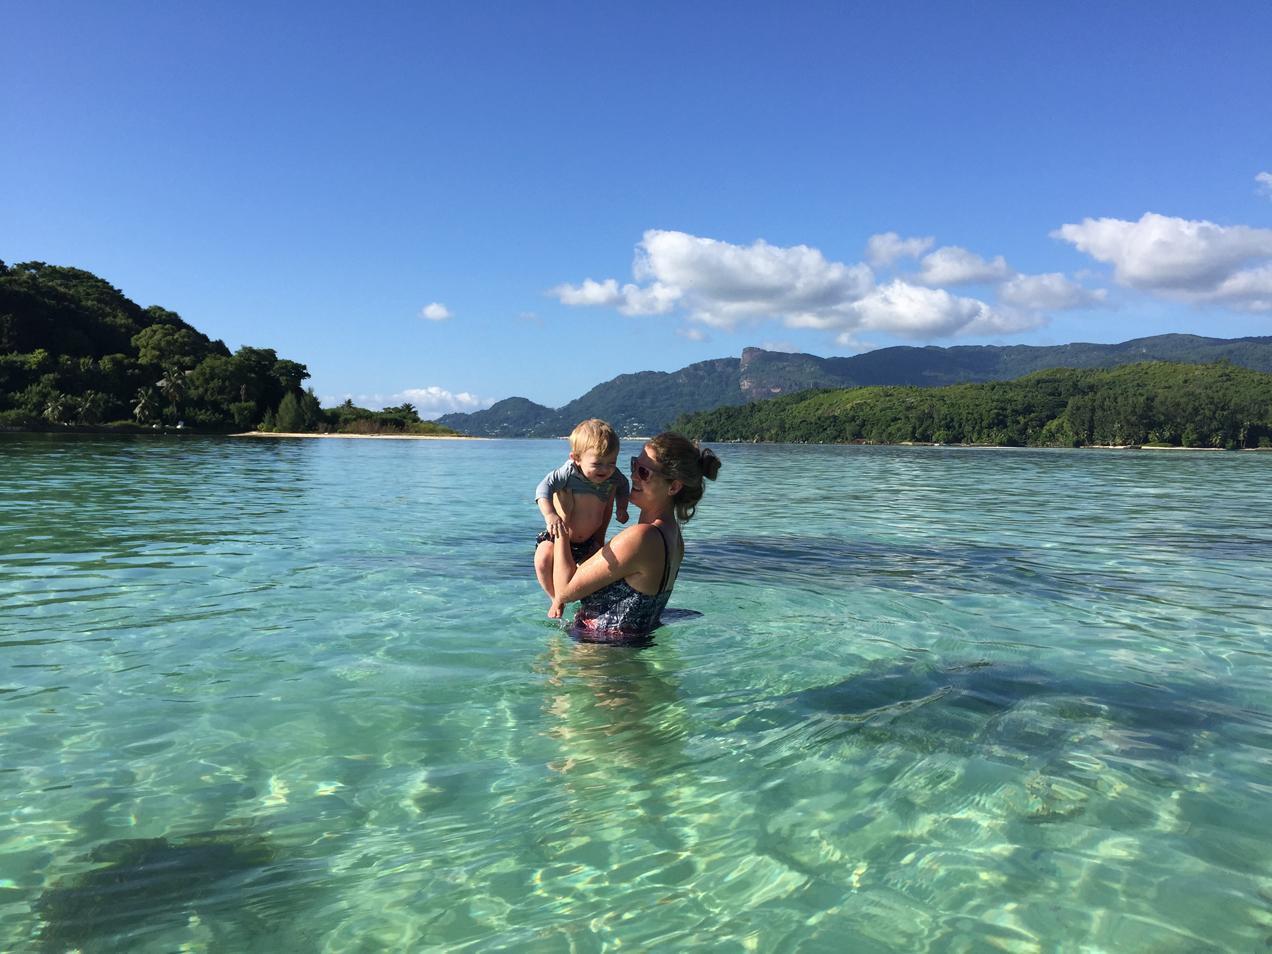 נהנים באיי הסיישל - דרך הים